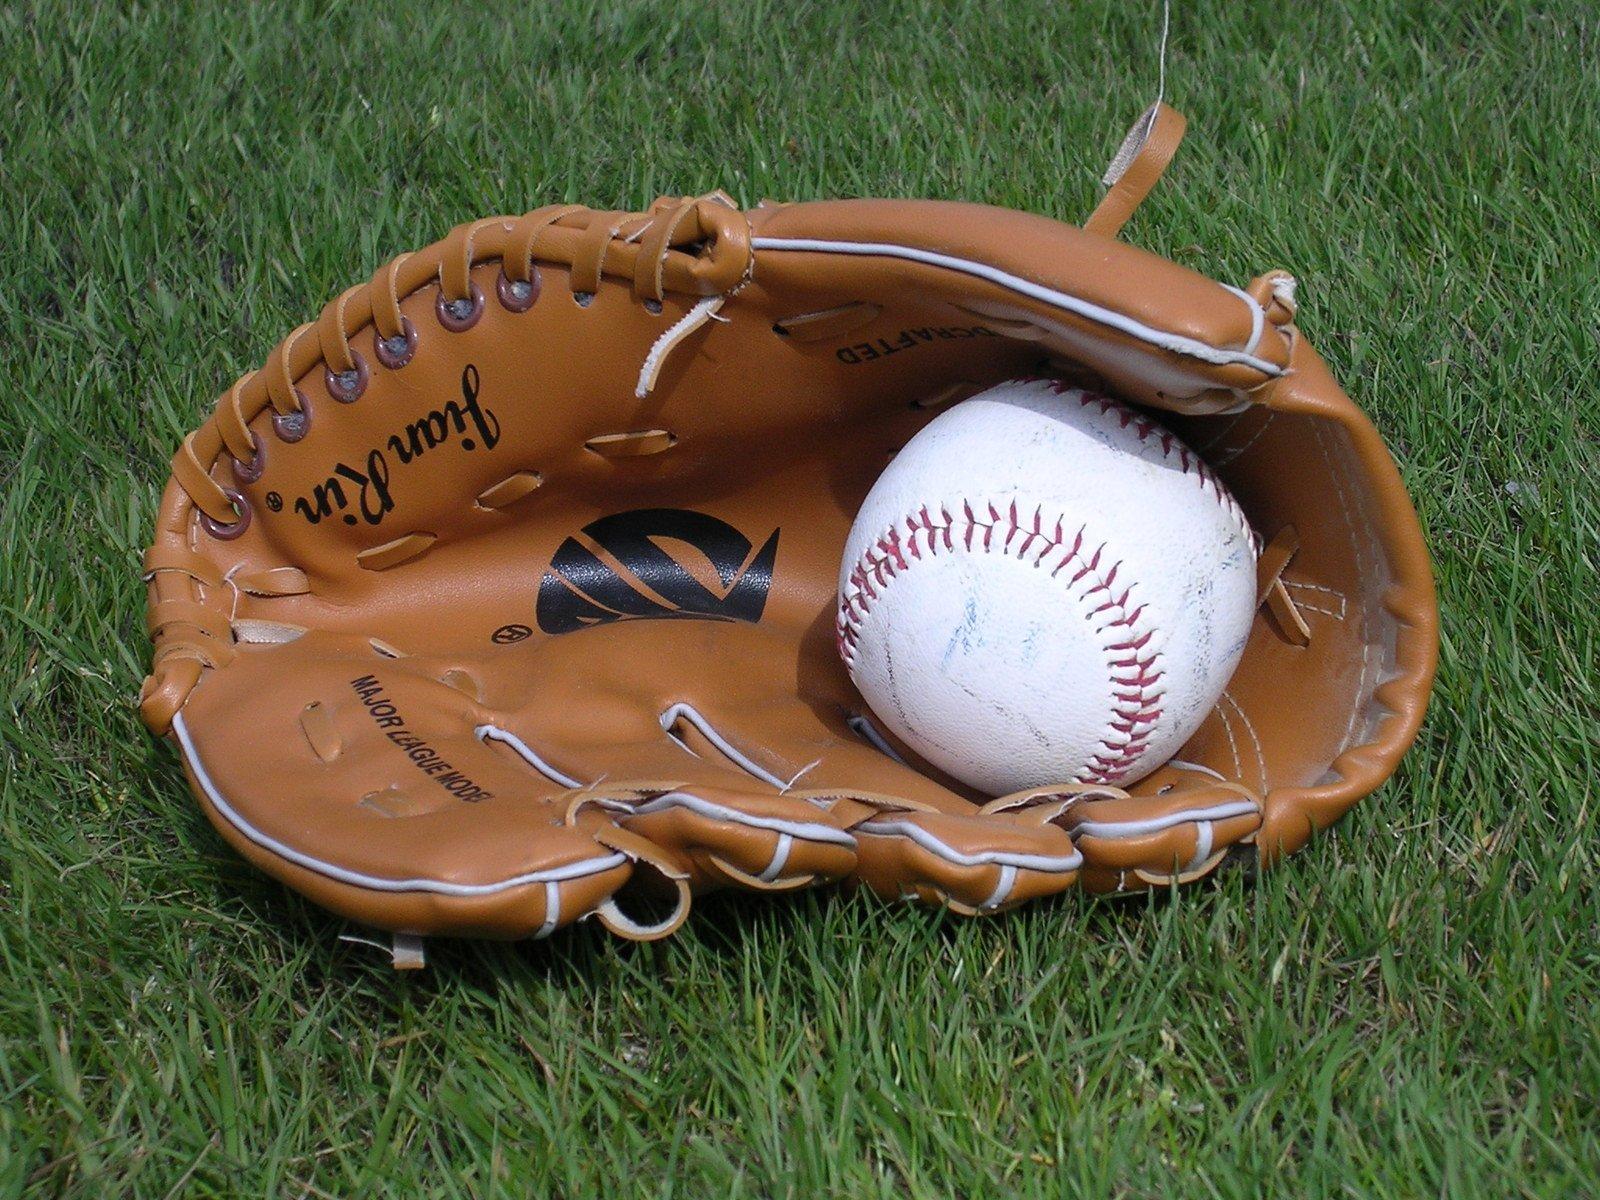 Смотреть в без бейсбольный мячик и регистрации жопу лесбиянки